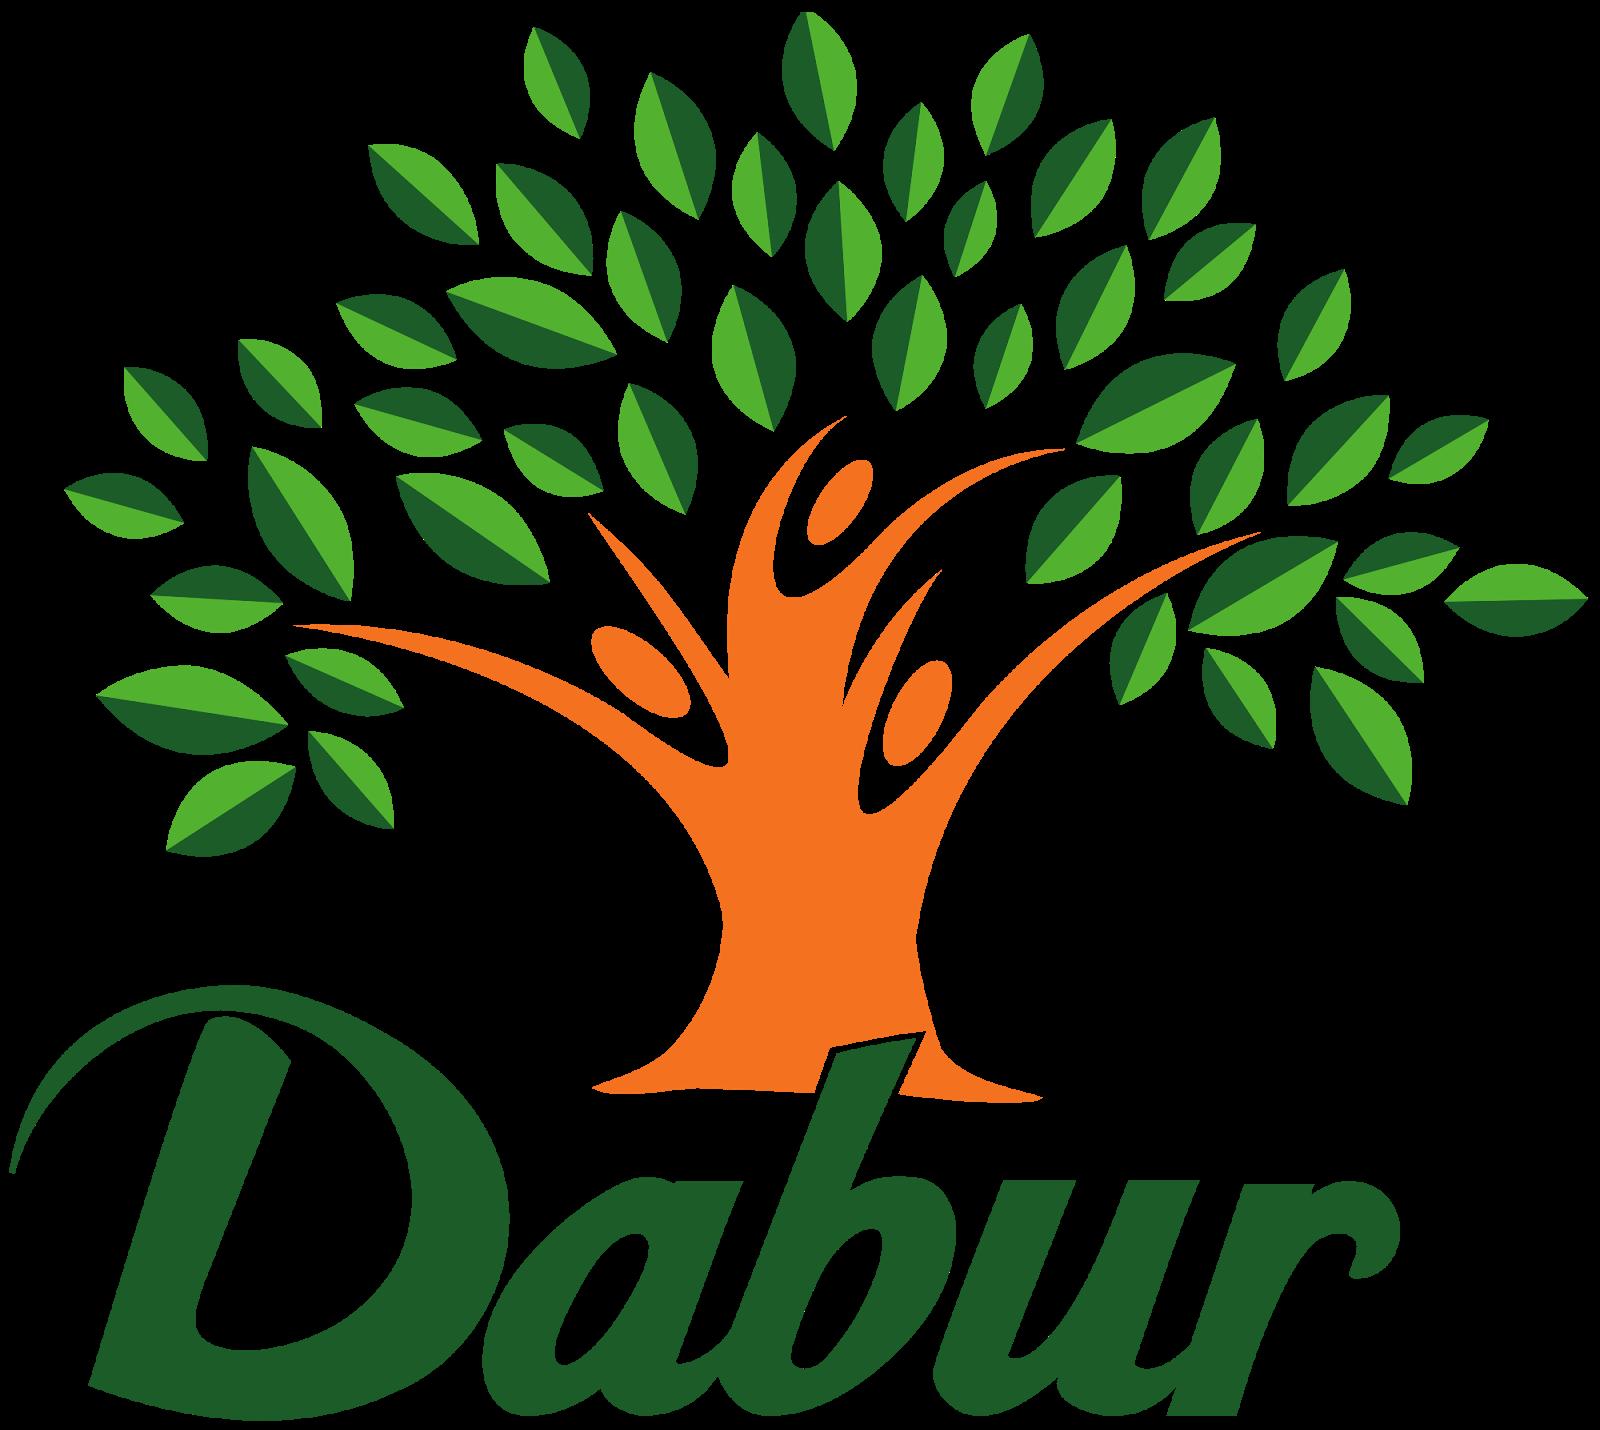 DABUR POLSKA: Oficjalny Sklep Firmy Dabur w Polsce